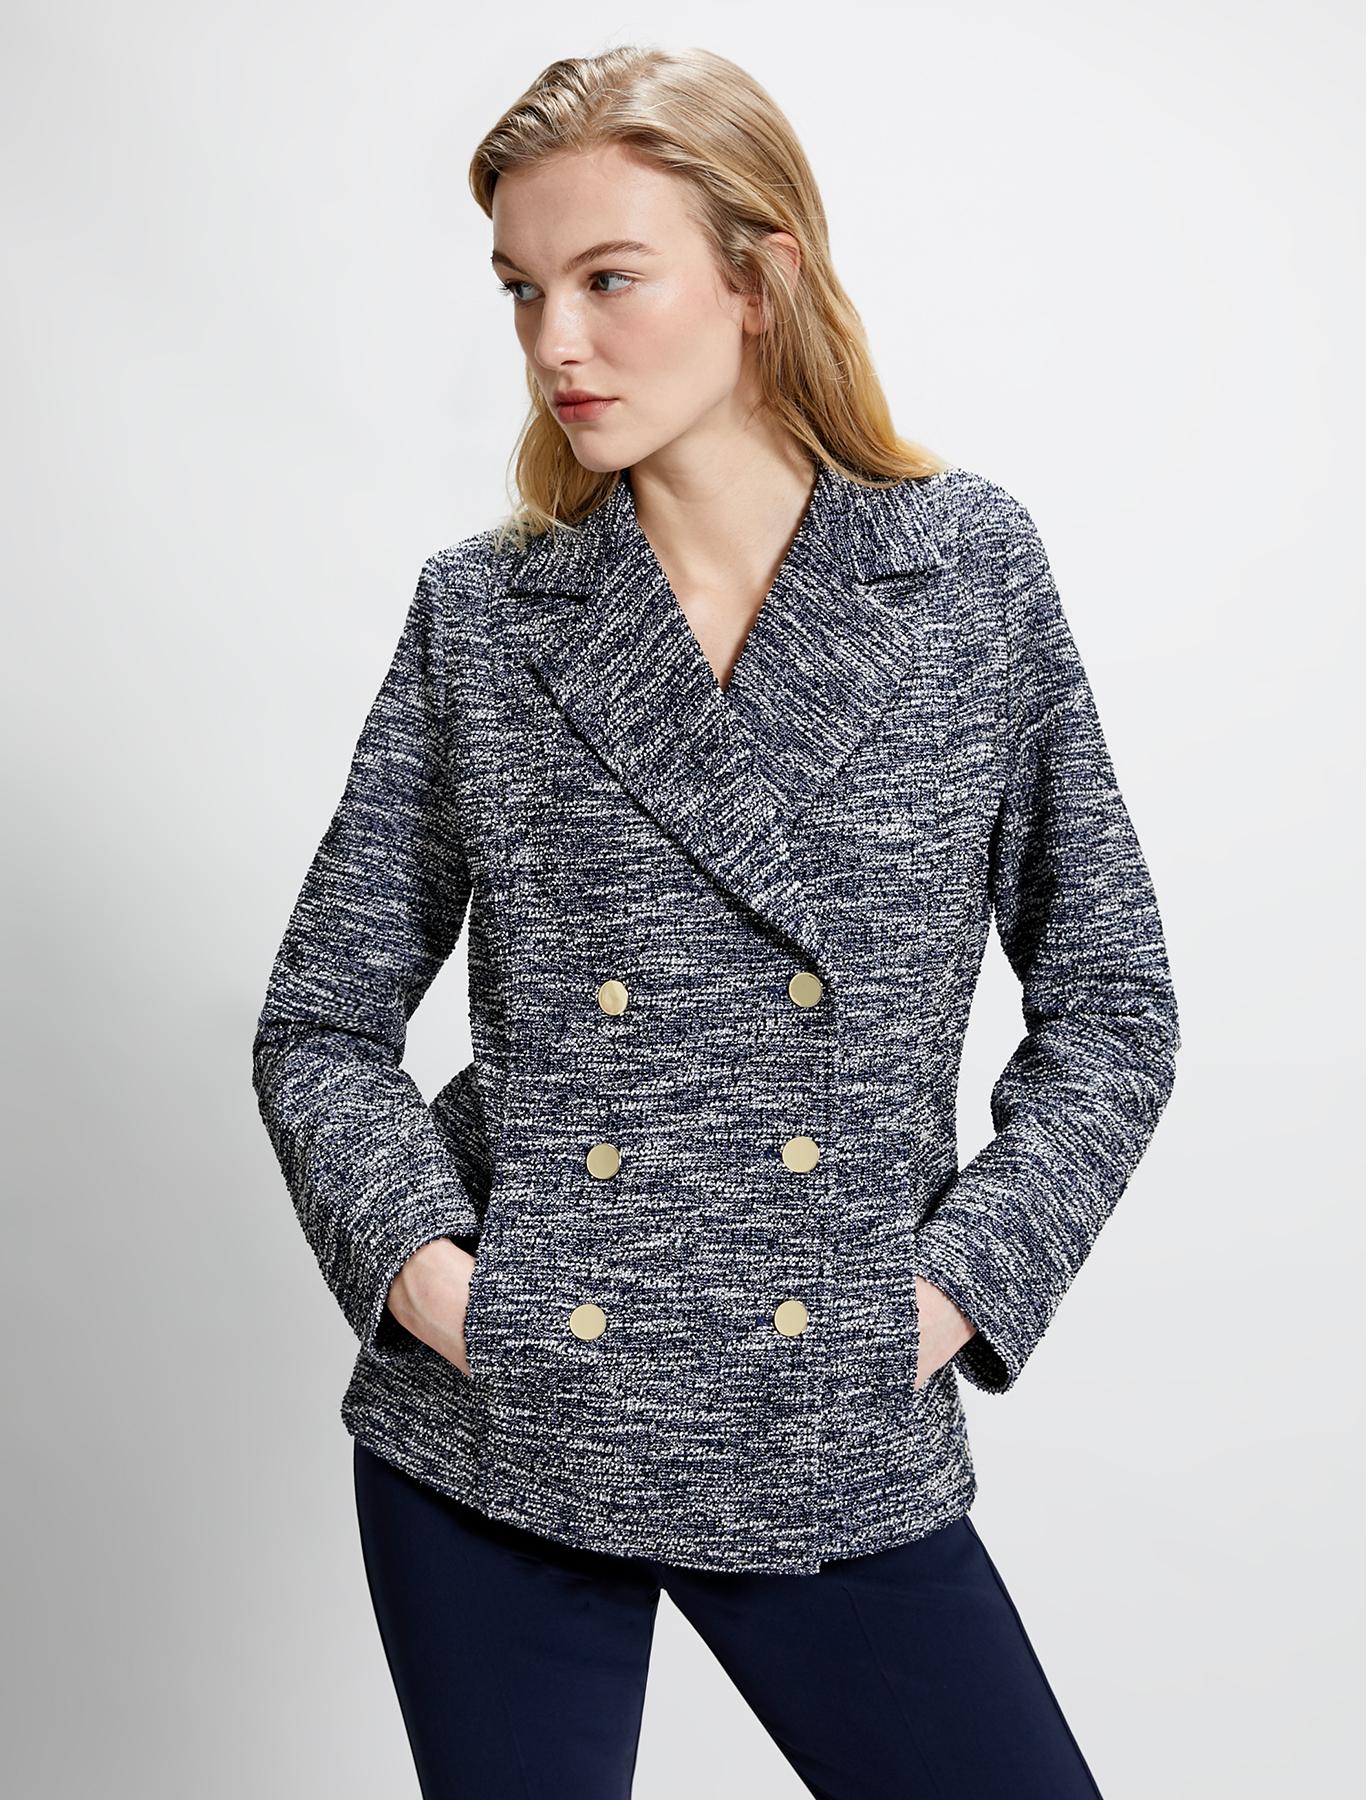 Pea coat in lamé basketweave jersey - navy blue - pennyblack